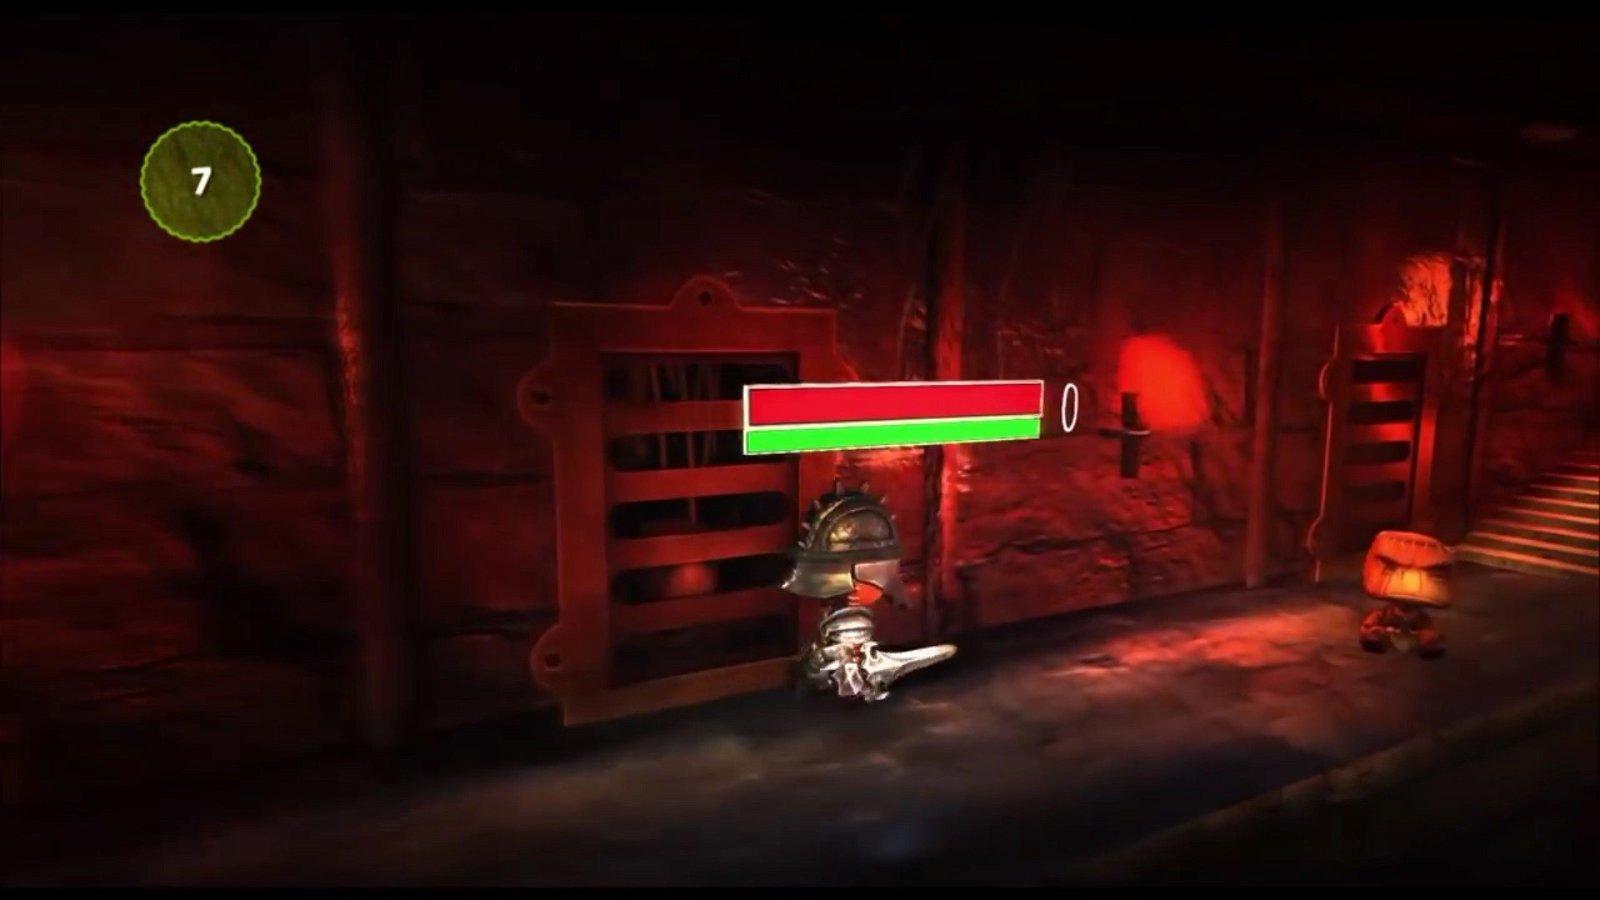 Dark Souls: Recrean el Refugio de los no muertos en Little Big Planet 3